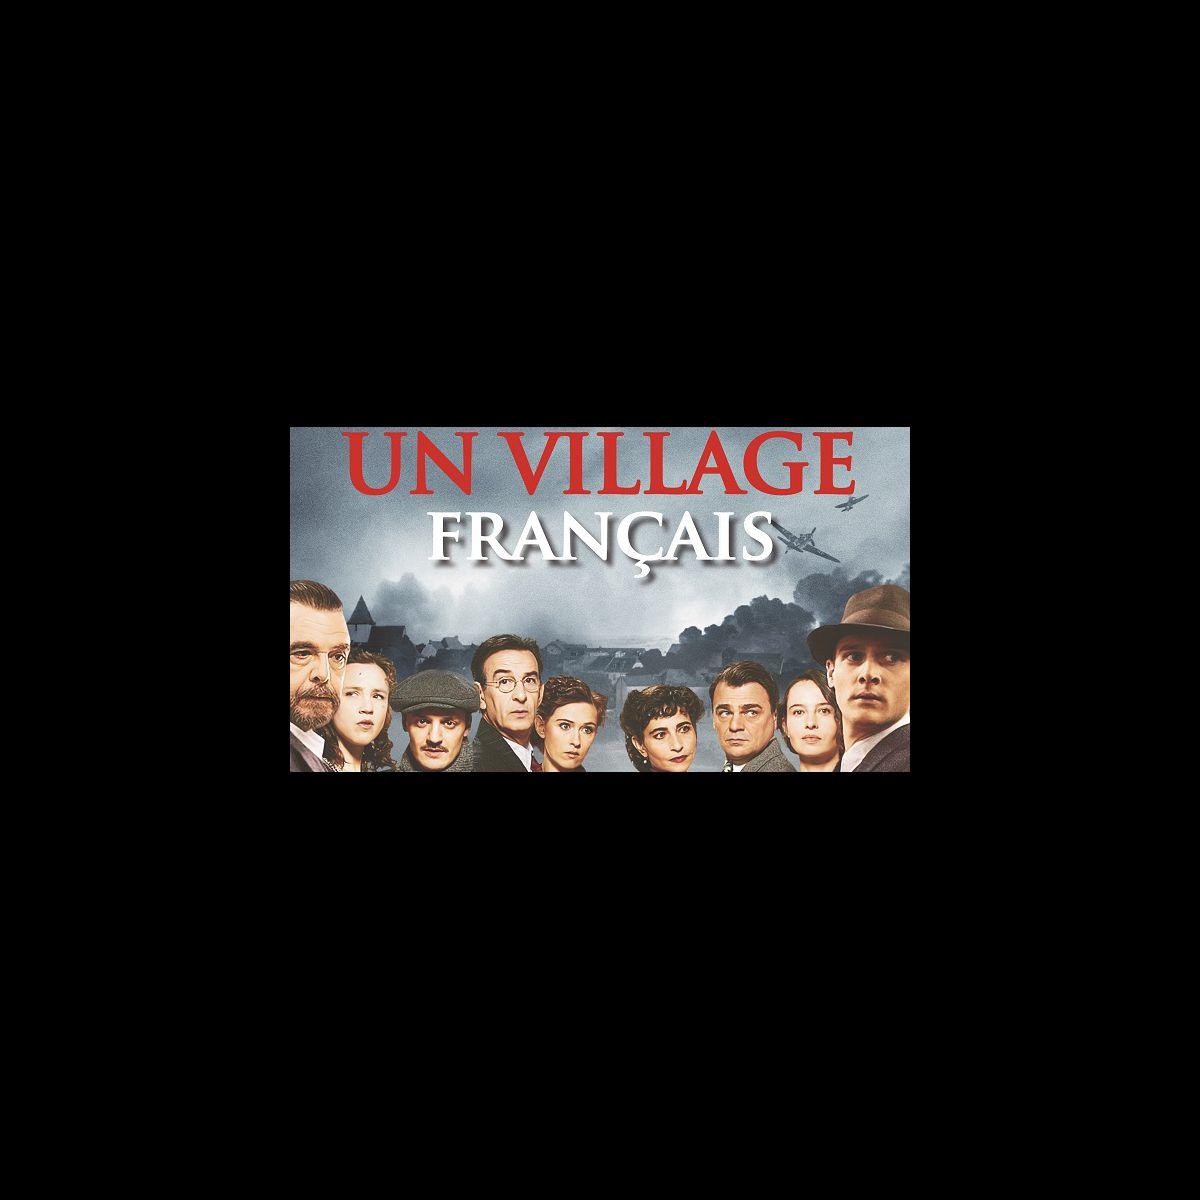 Un village fran ais saison 5 casting de la s rie actu et infos exclusives puremedias - Acteur un village francais ...